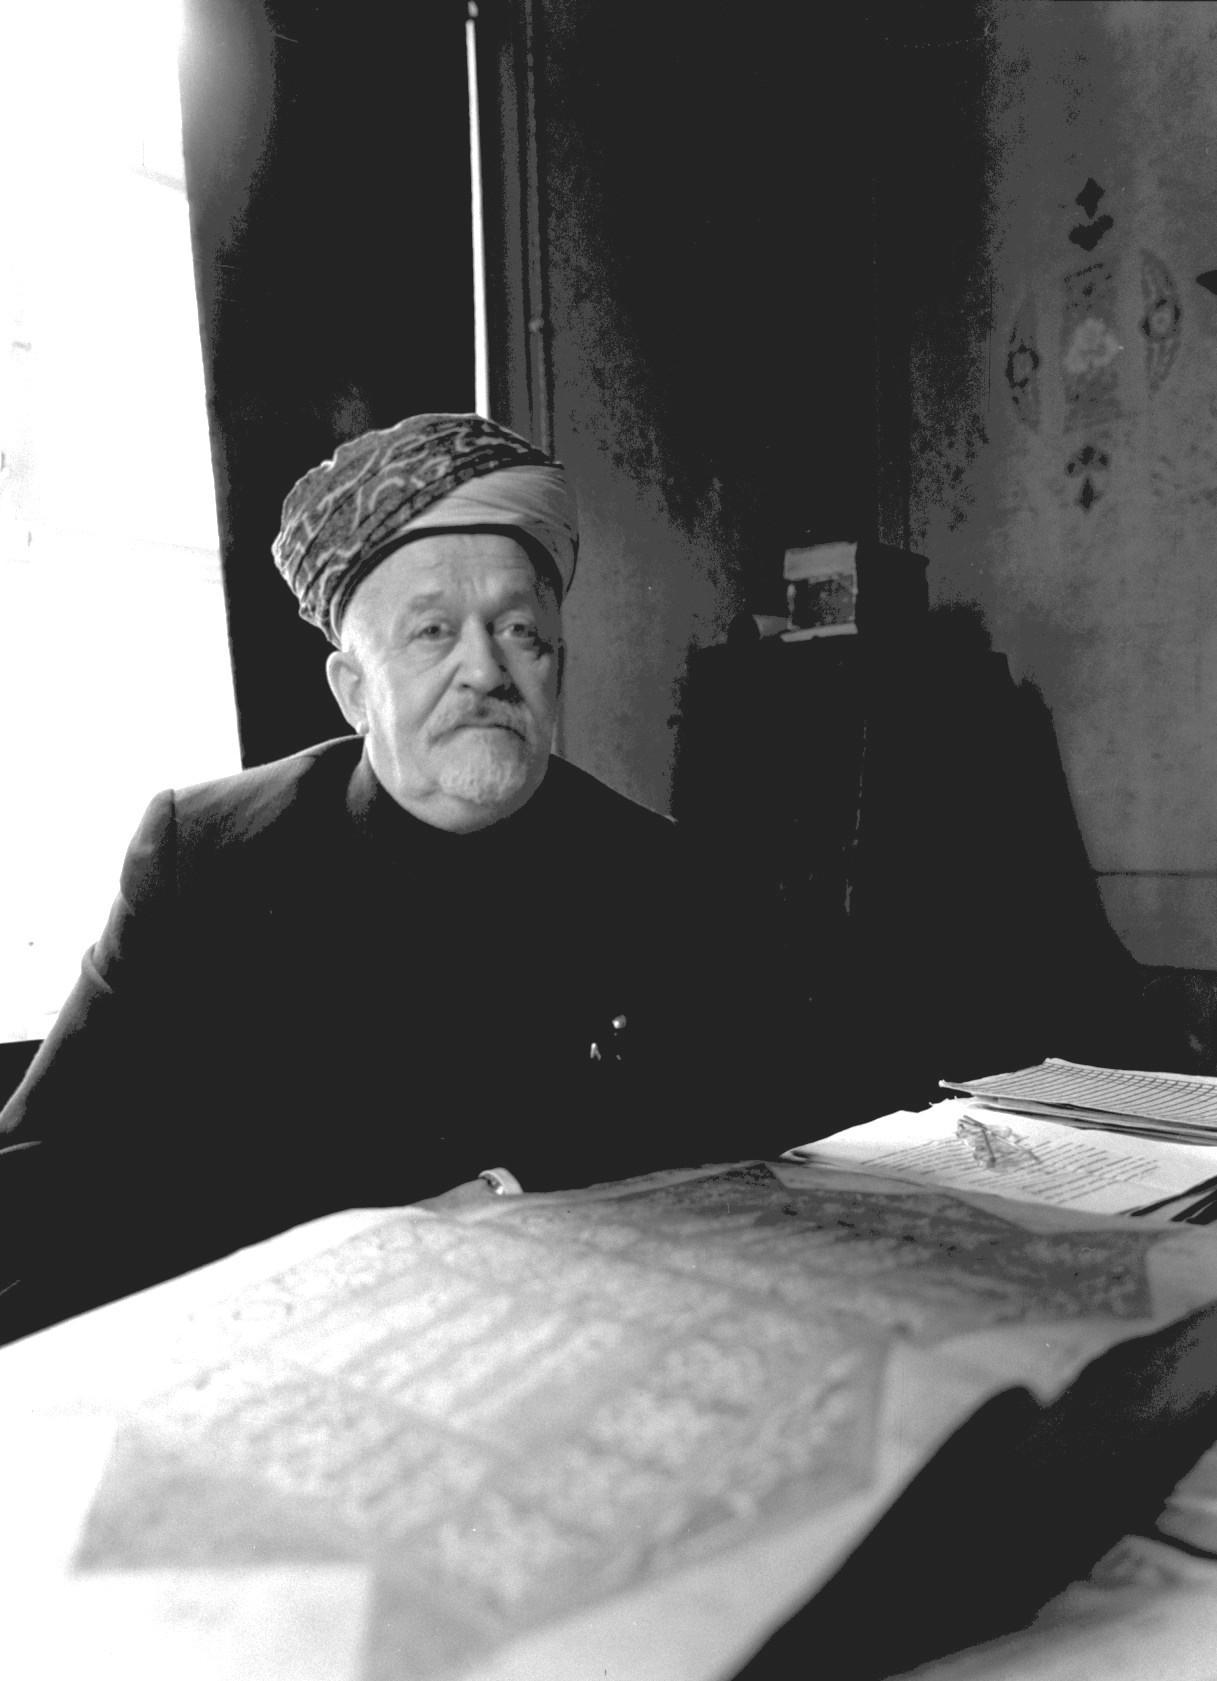 Председатель Центрального Духовного управления мусульман России главный муфтий Шакир Хиялетдинов